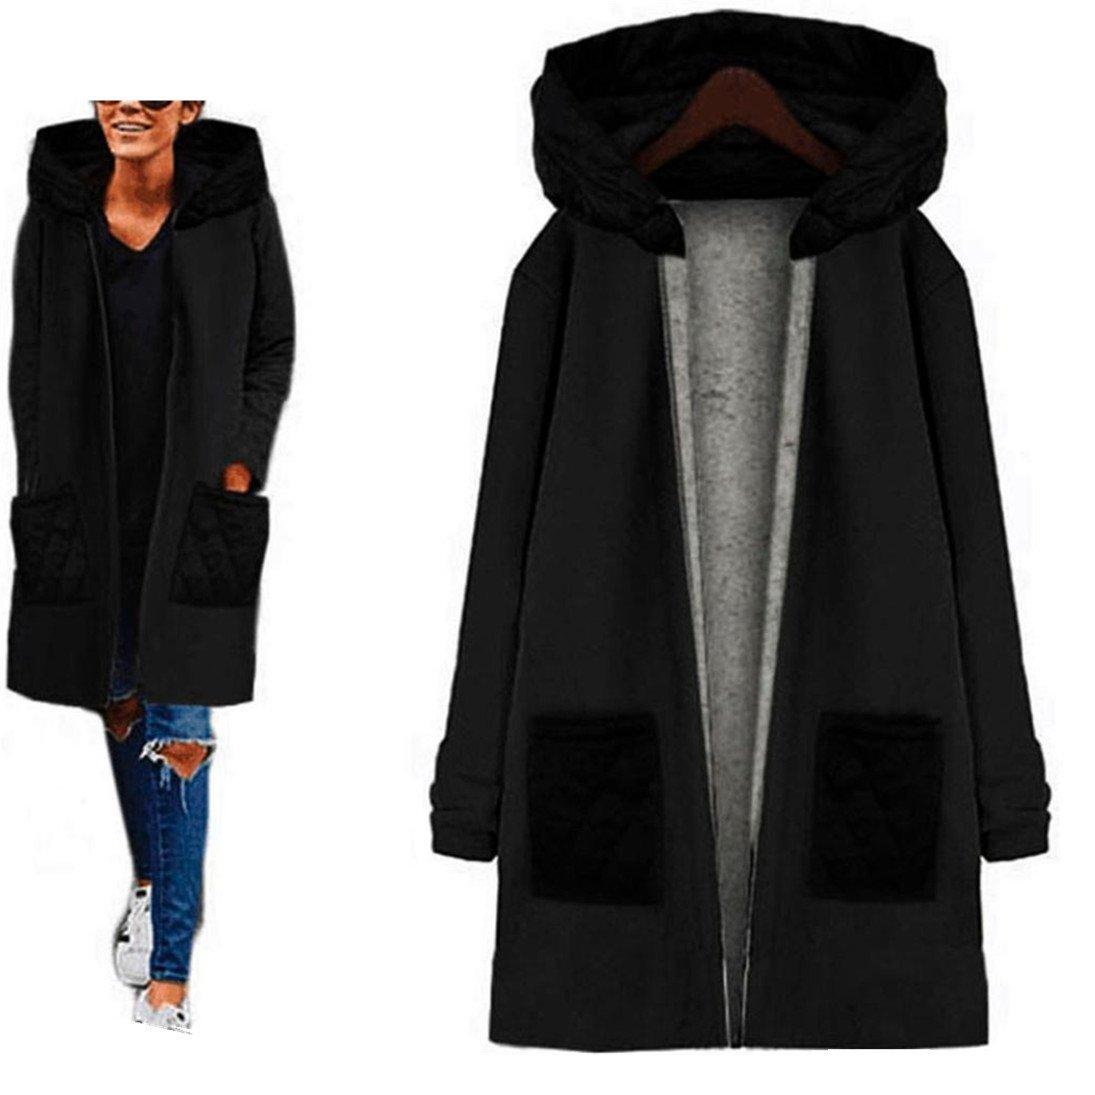 Fheaven Women Fashion Long Sleeve Hooded Coat Double Pocket Jacket Winter Warm Windbreaker Outwear Top (M, Black)